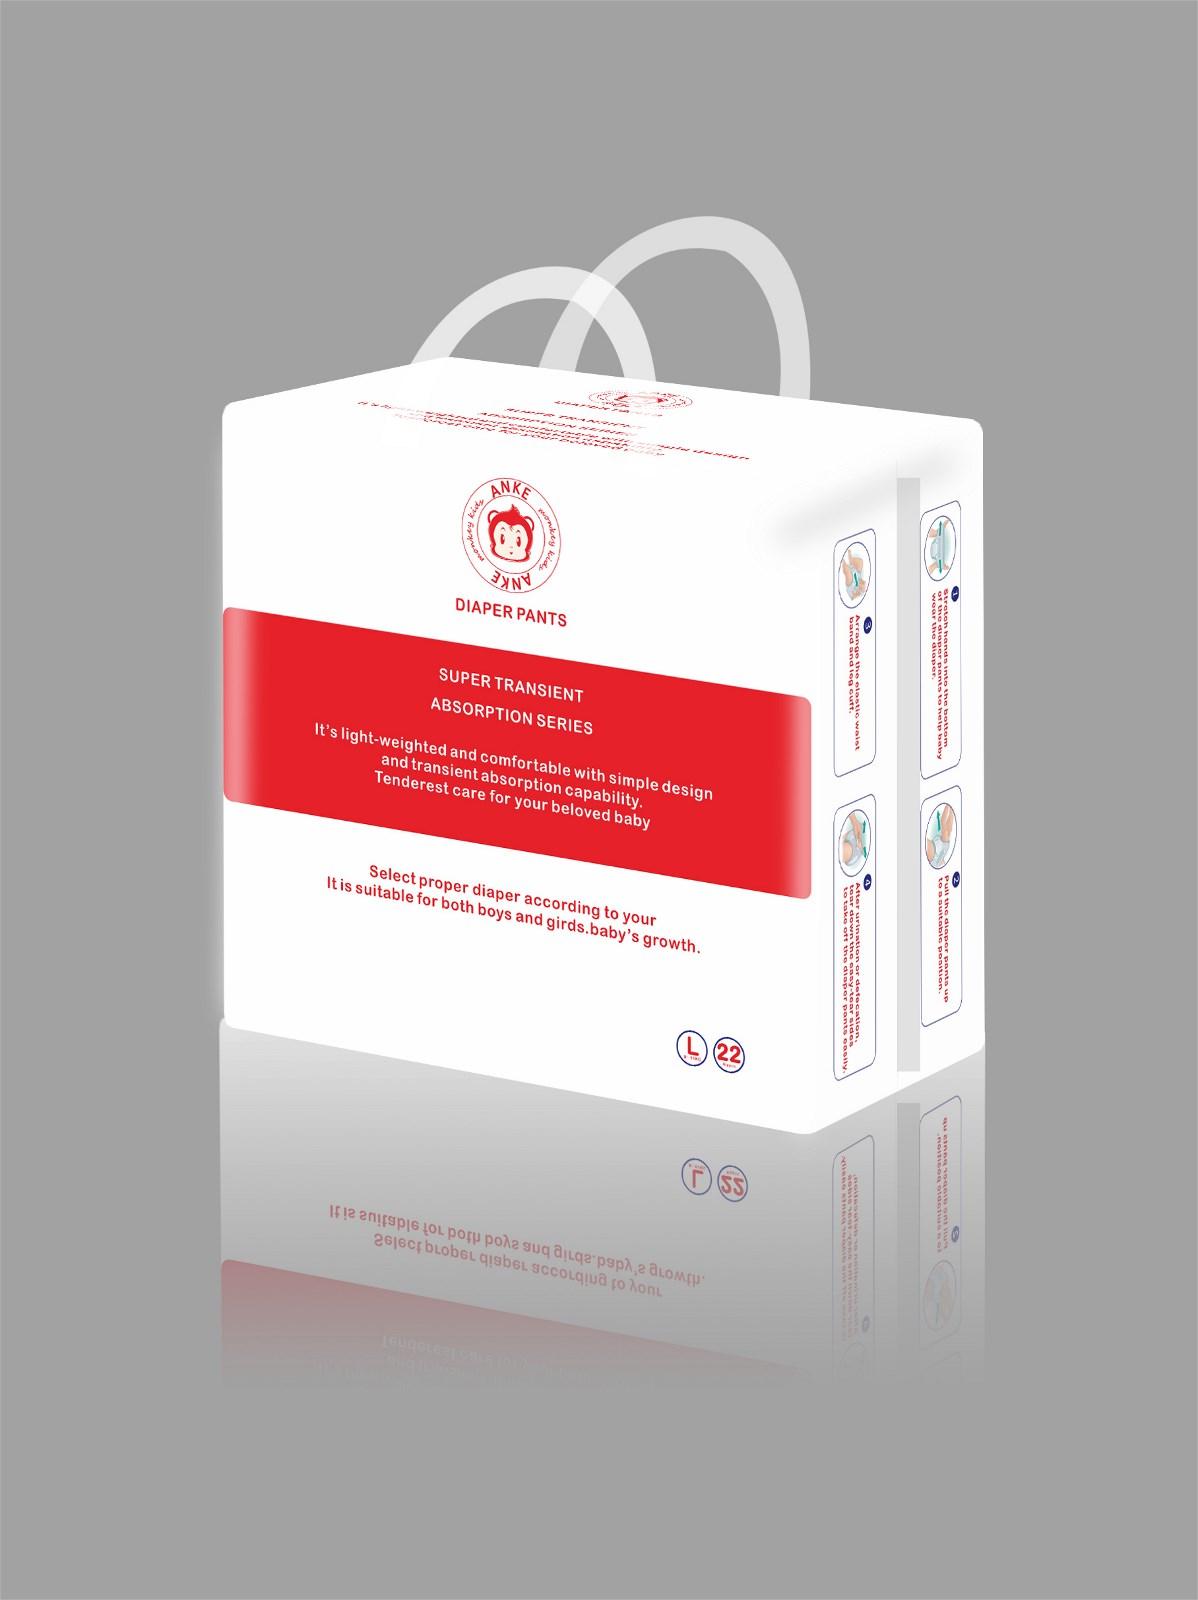 包装 包装设计 购物纸袋 设计 纸袋 1198_1600 竖版 竖屏